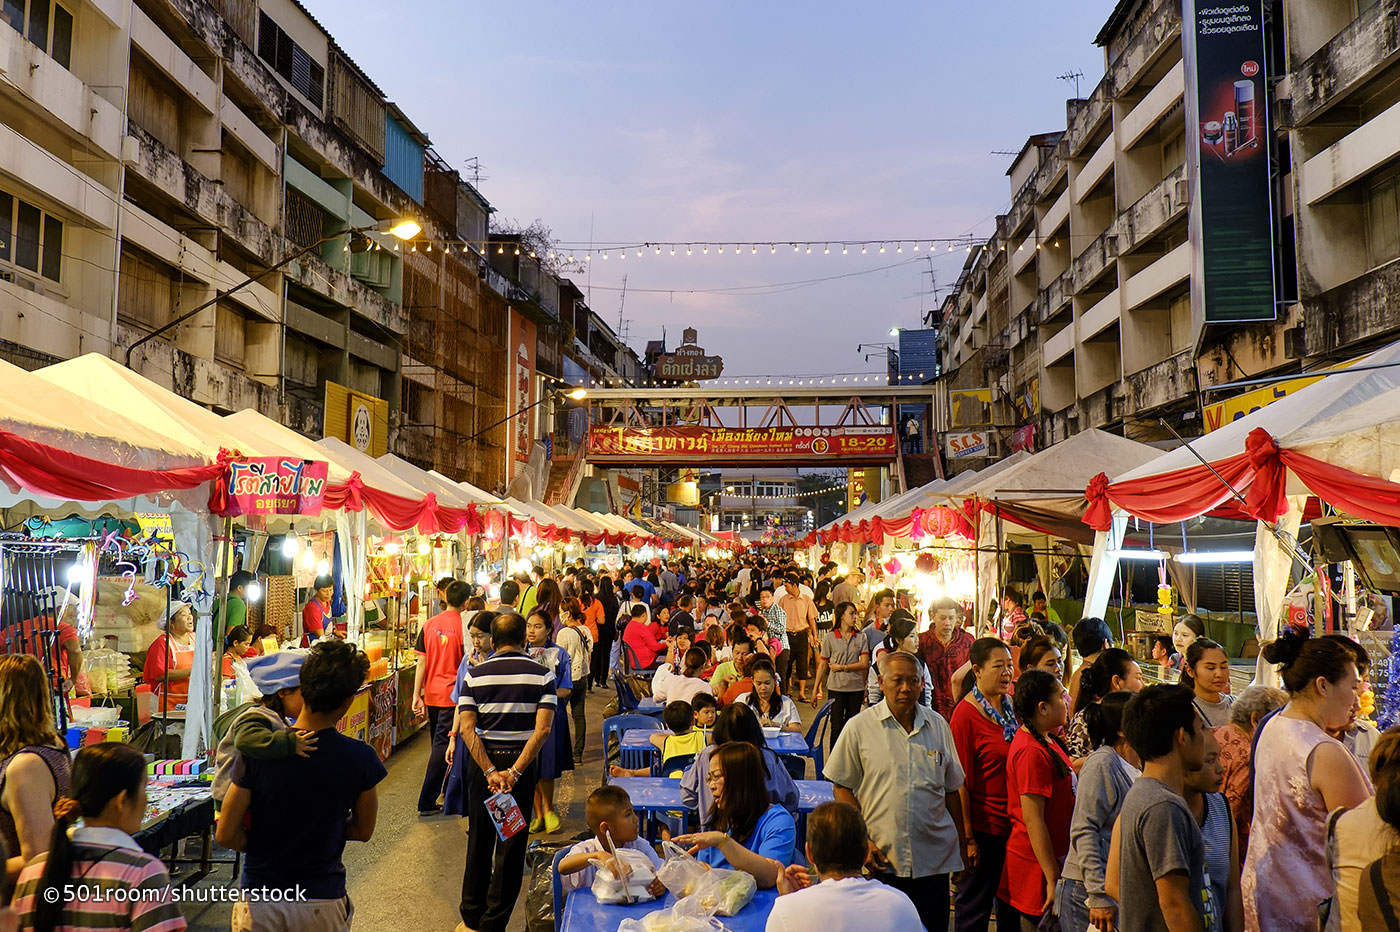 أفضل الأسواق الشعبية في بانكوك فى تايلاند | الاسواق الشعبية فى بانكوك تايلاند